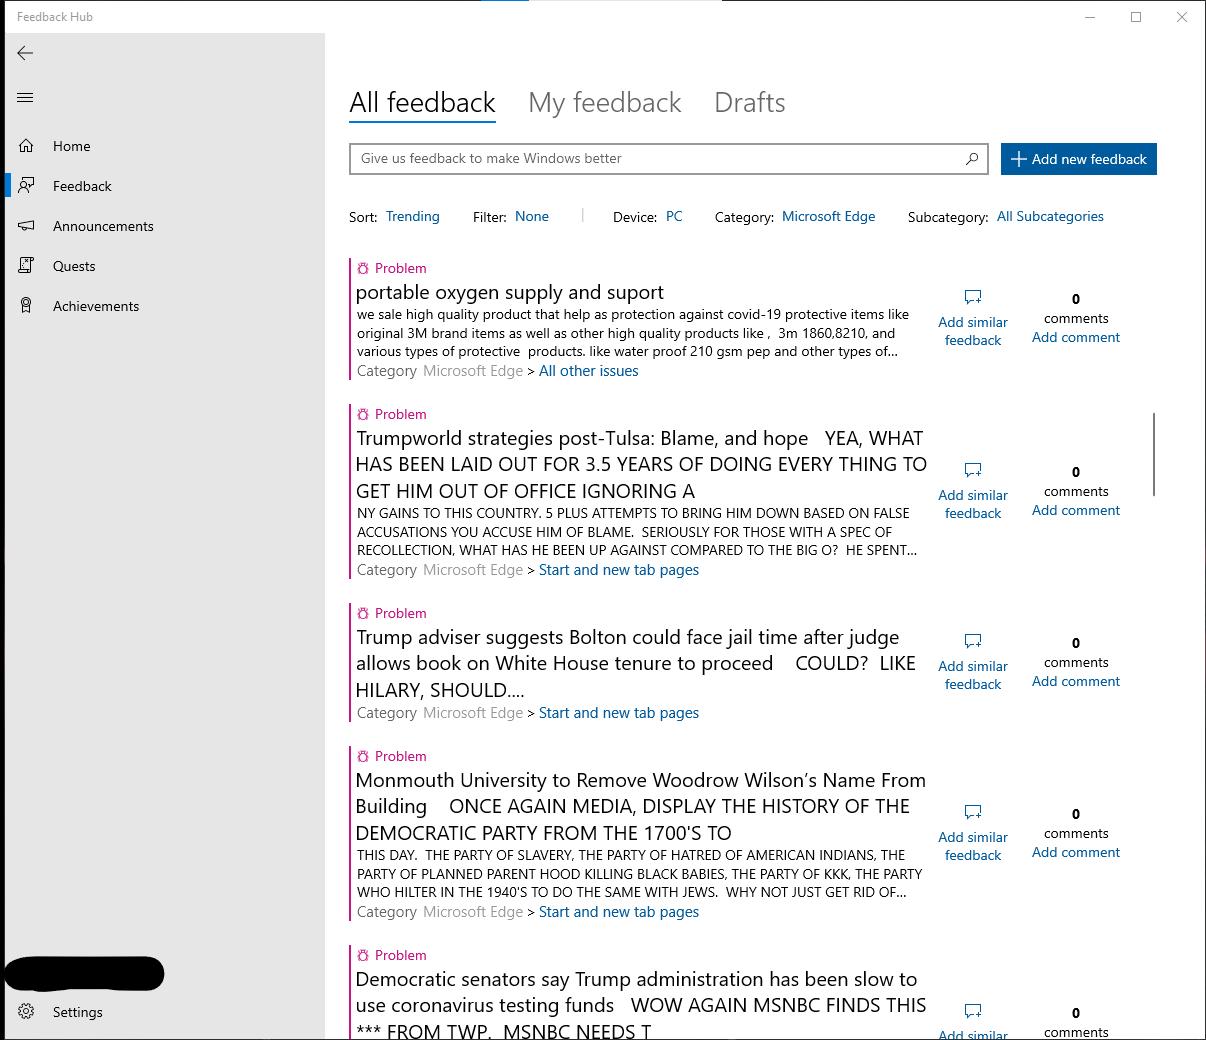 Difficile che Microsoft riesca a leggere i feedback se l'Hub è pieno di troll